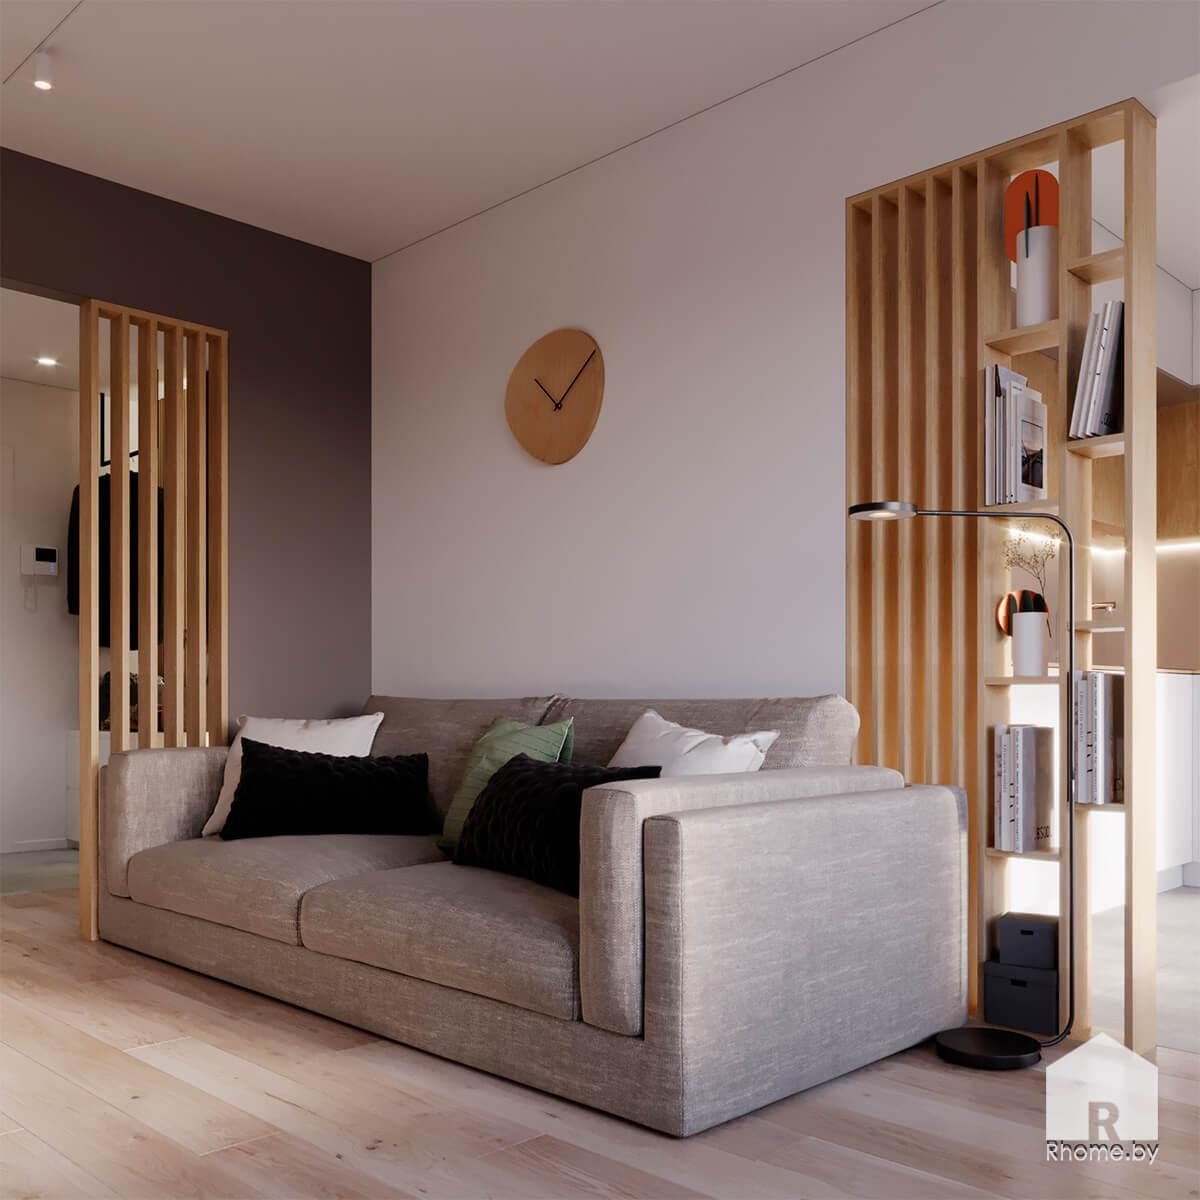 Квартира в Новой Боровой. Серый диван в светлой гостиной рядом с деревянным стеллажом